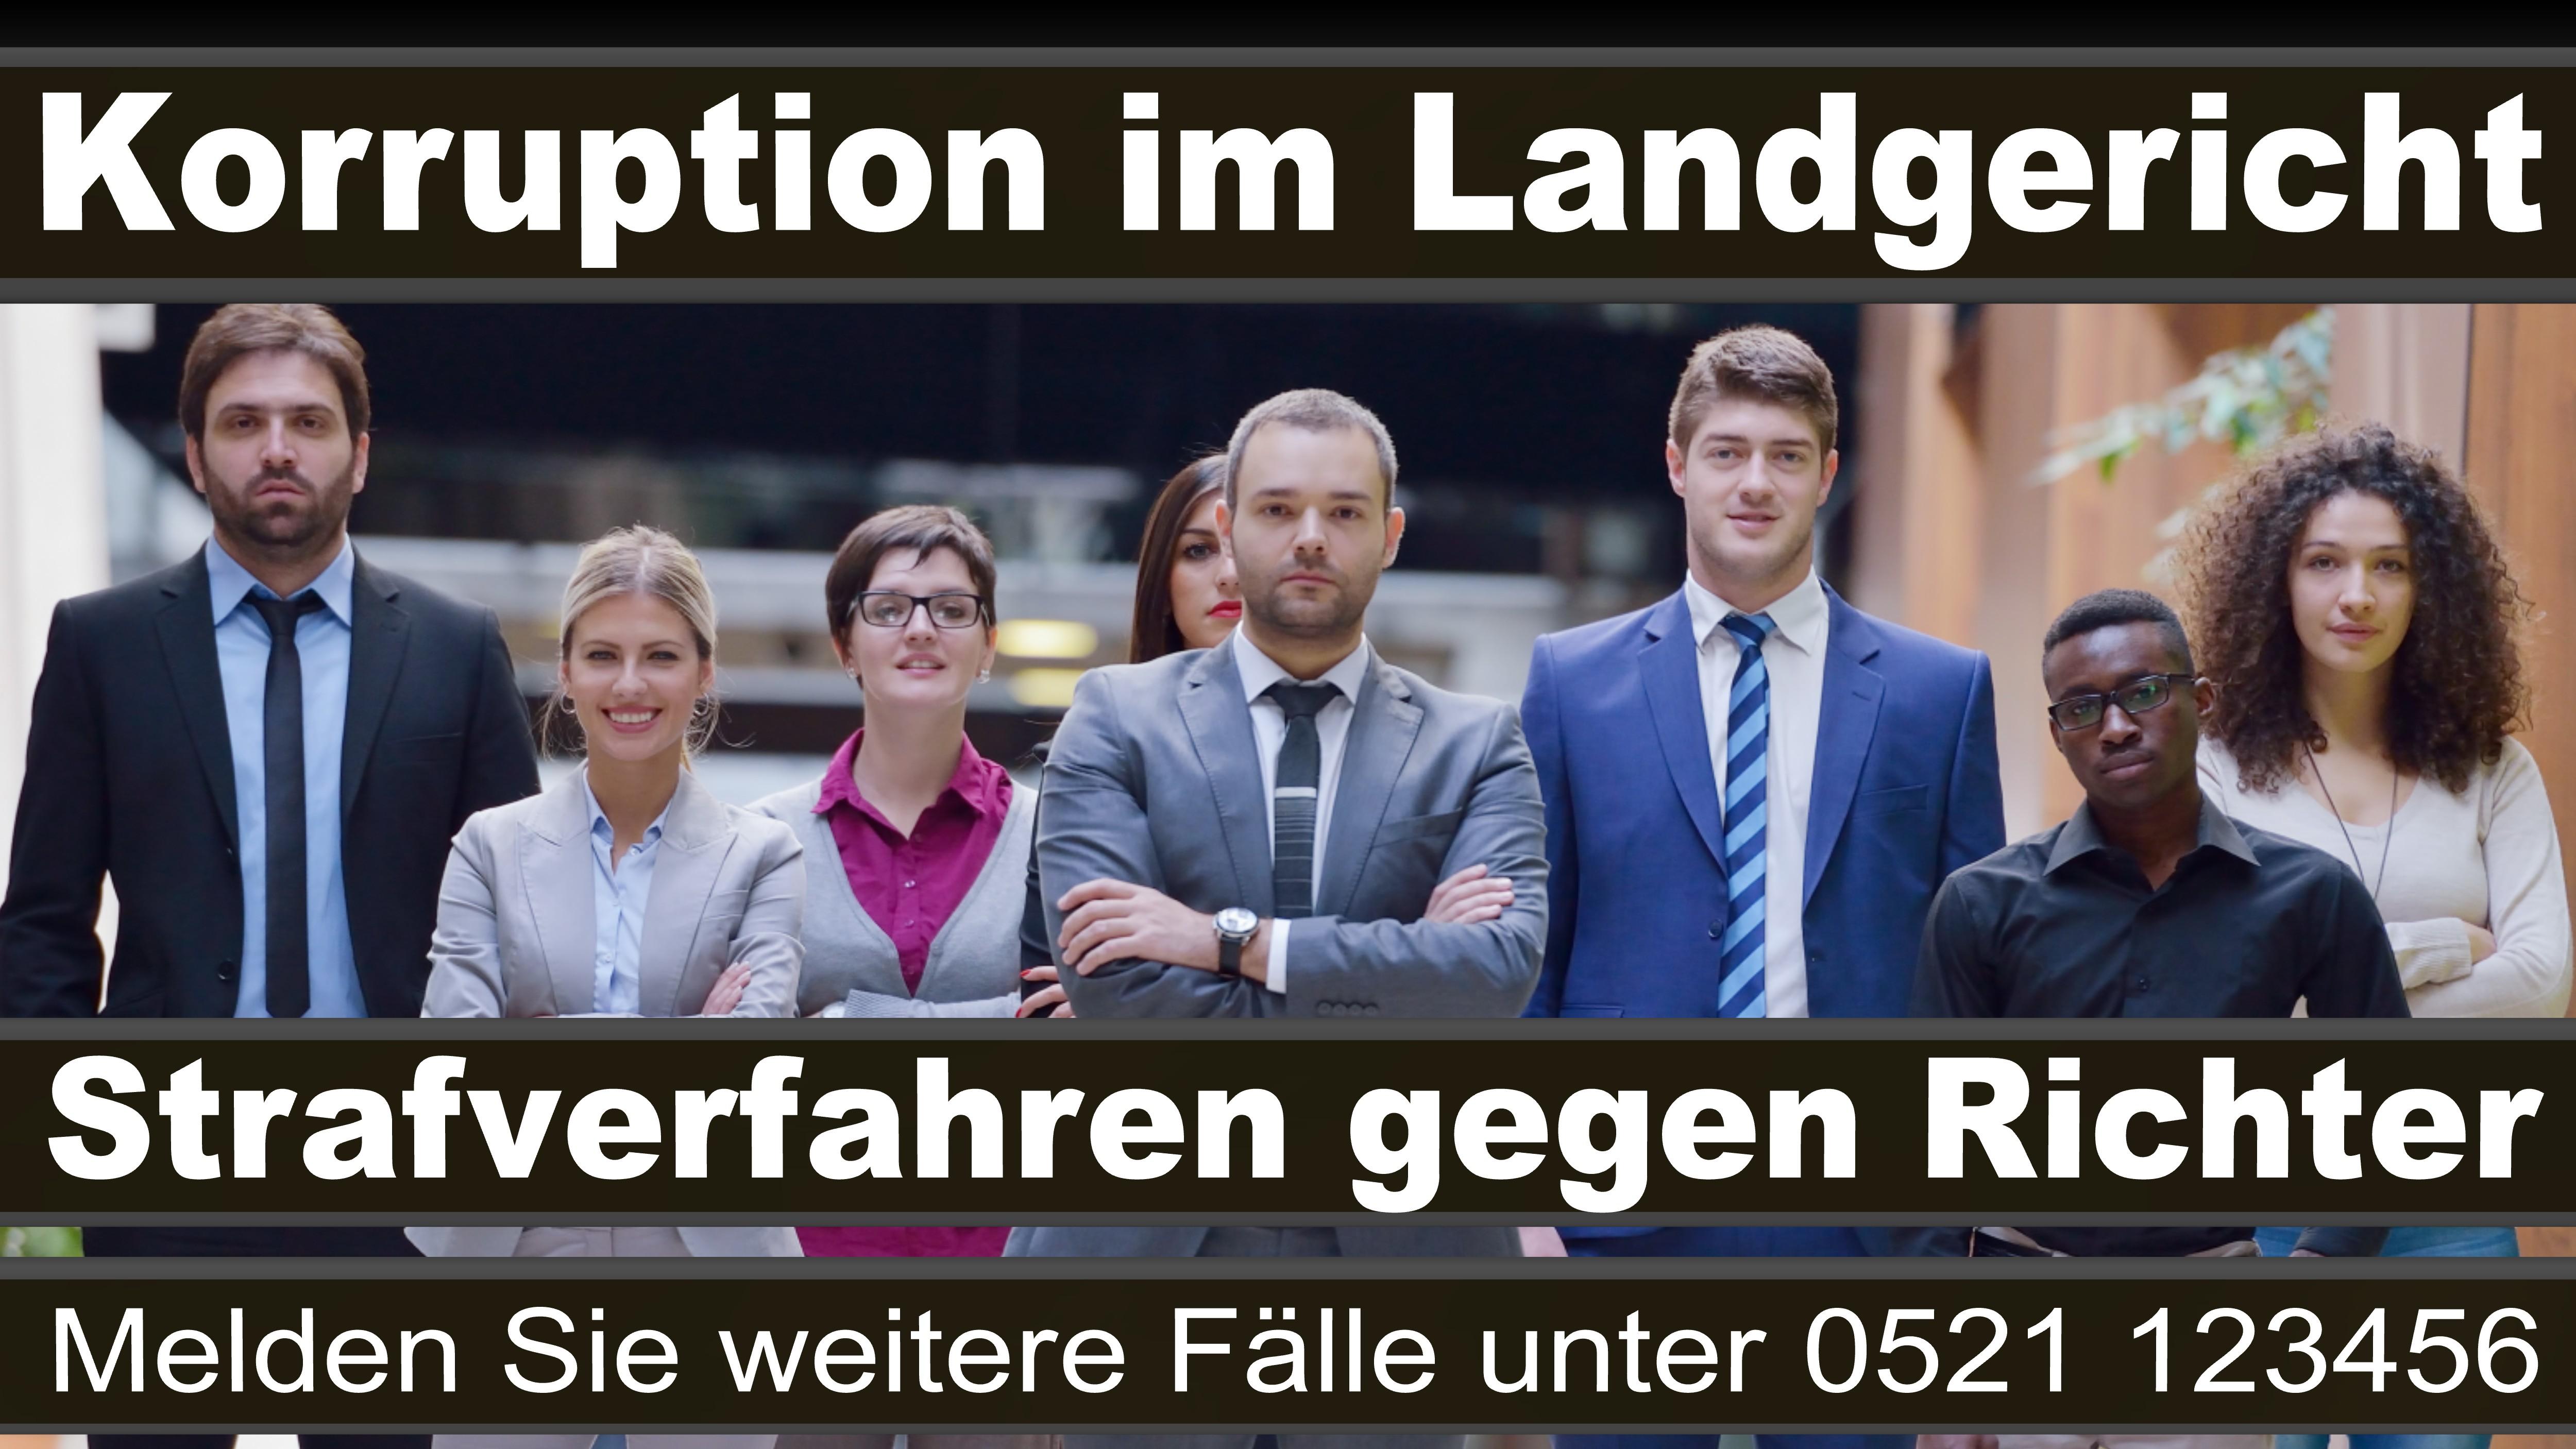 Korruption, Rechtsbeugung, Parteiverrat, Rechtsanwalt, Justiz, Präsident, Direktor, Leitender Oberstaatsanwalt, Ministerium Der Justiz Des Landes Rheinland Pfalz